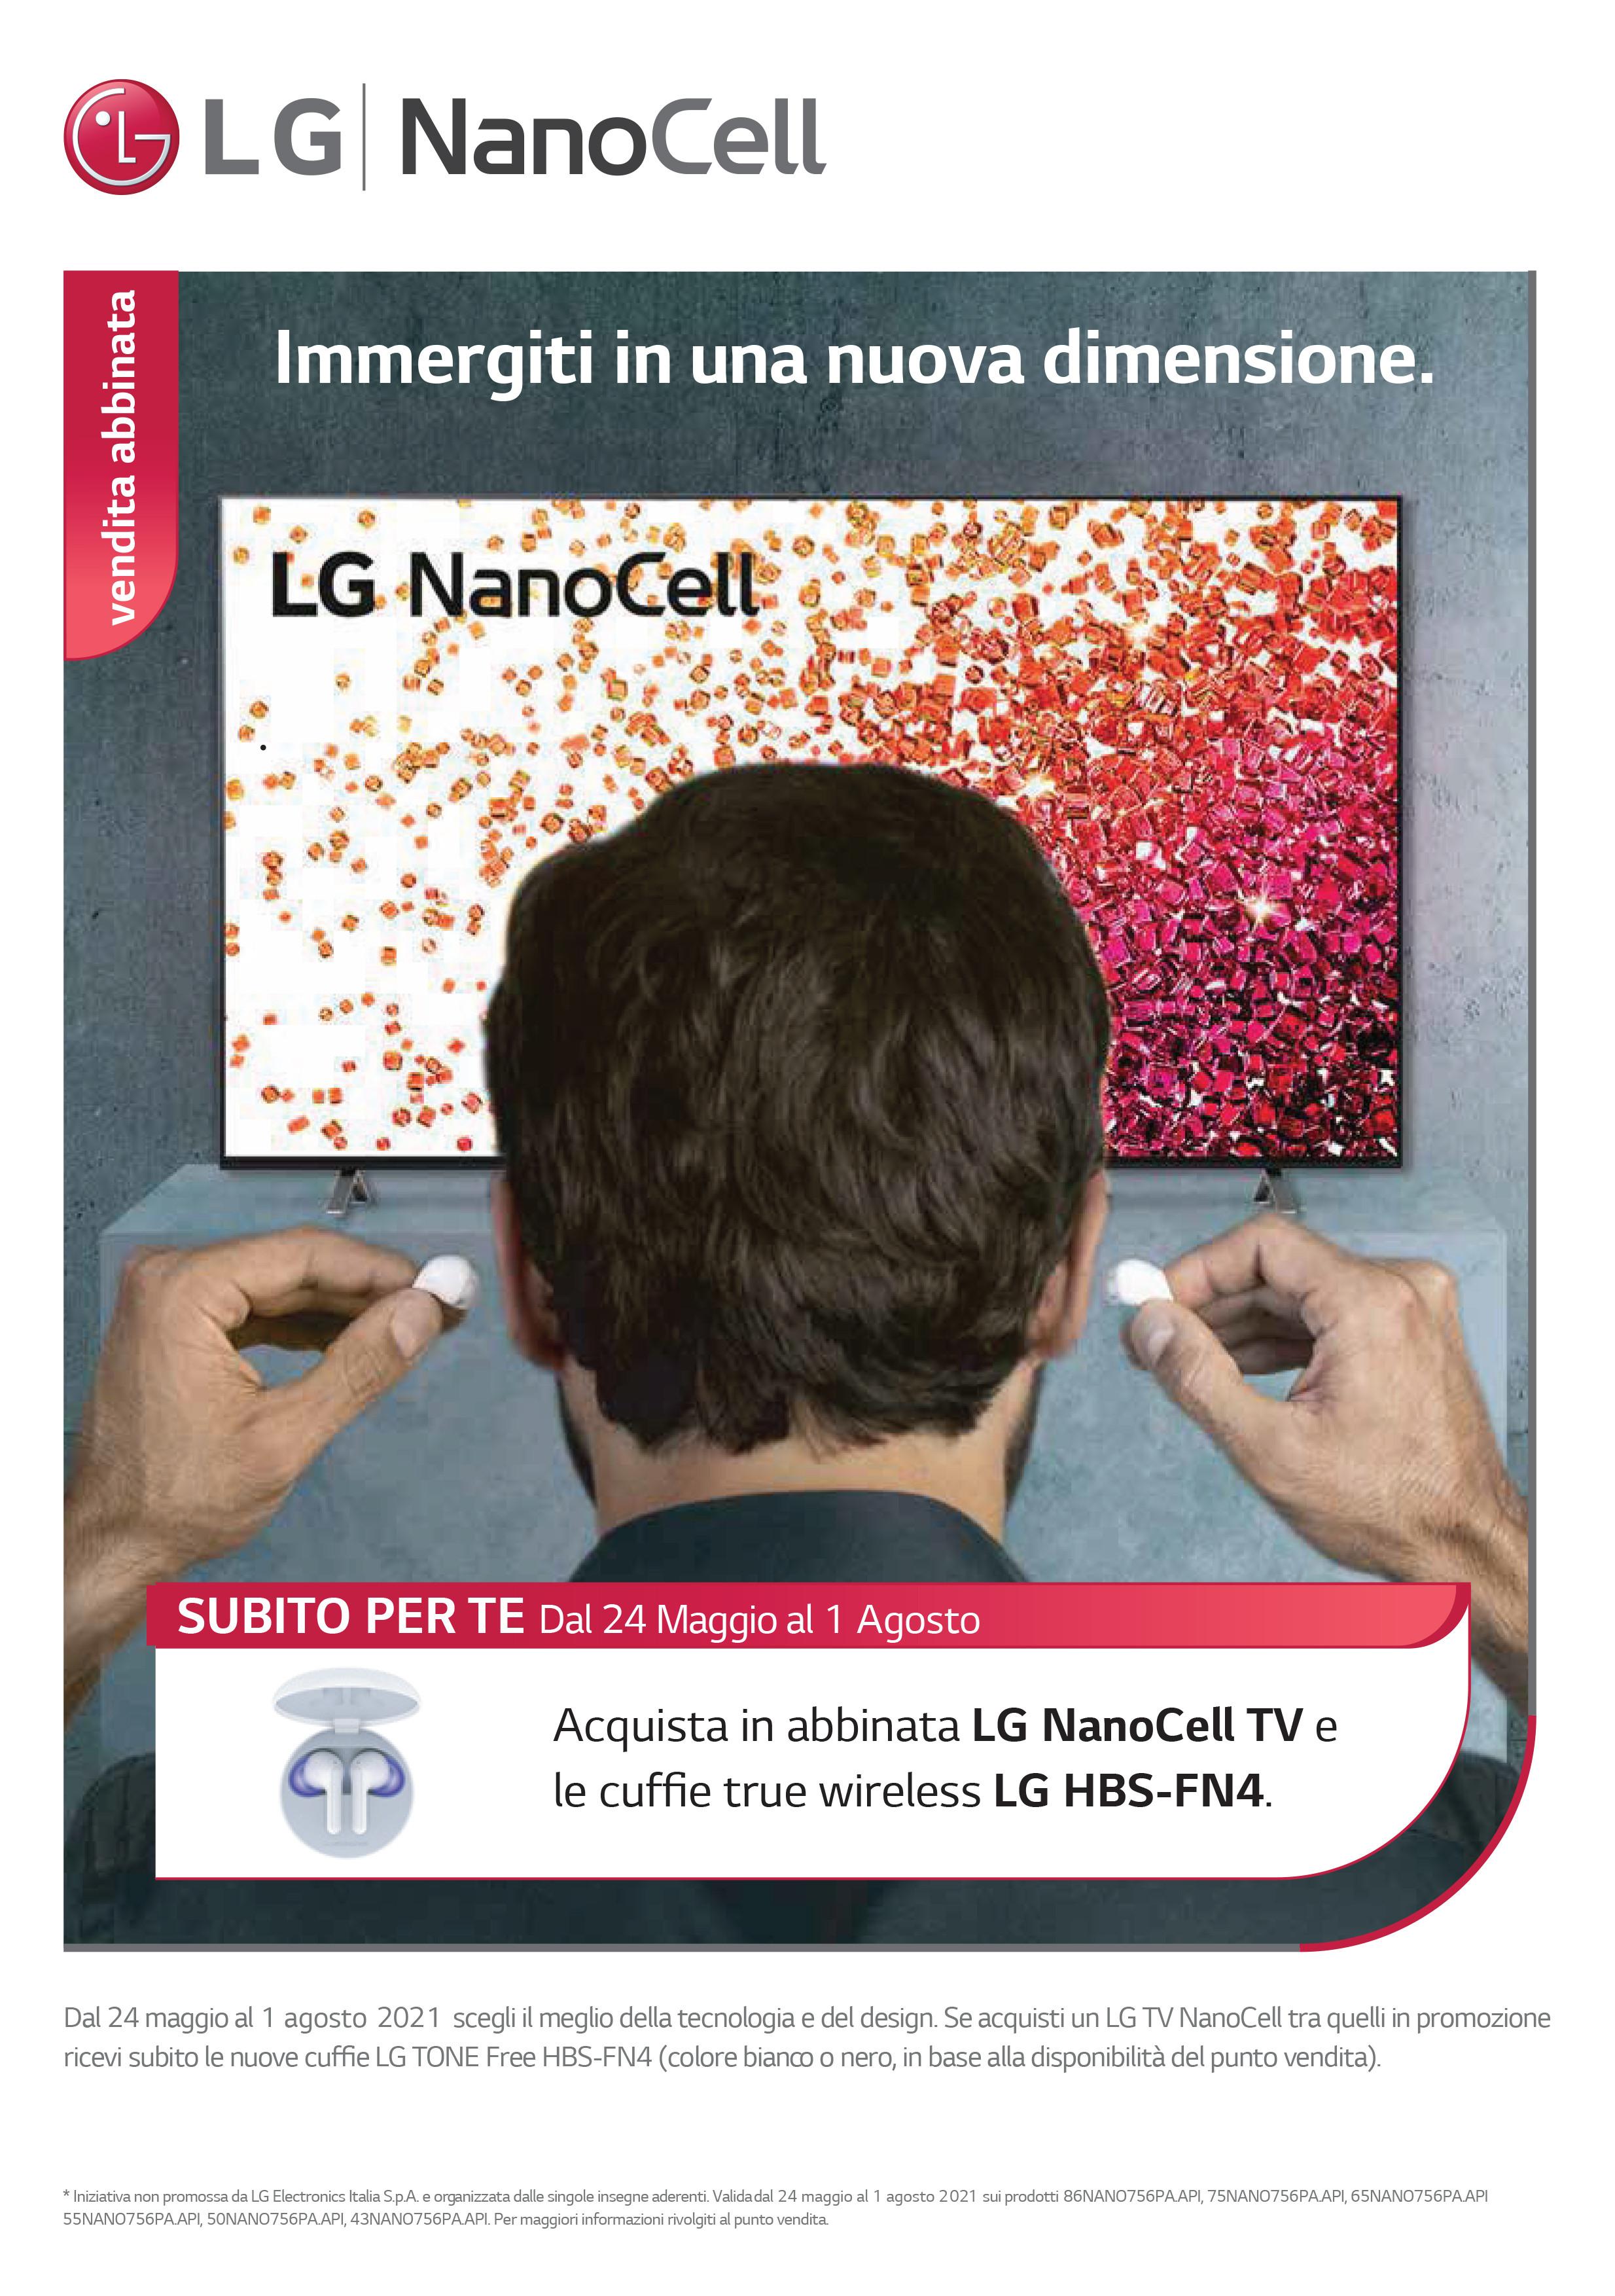 A4_PROMO_Nano756+FN4_1AGO2021.jpg